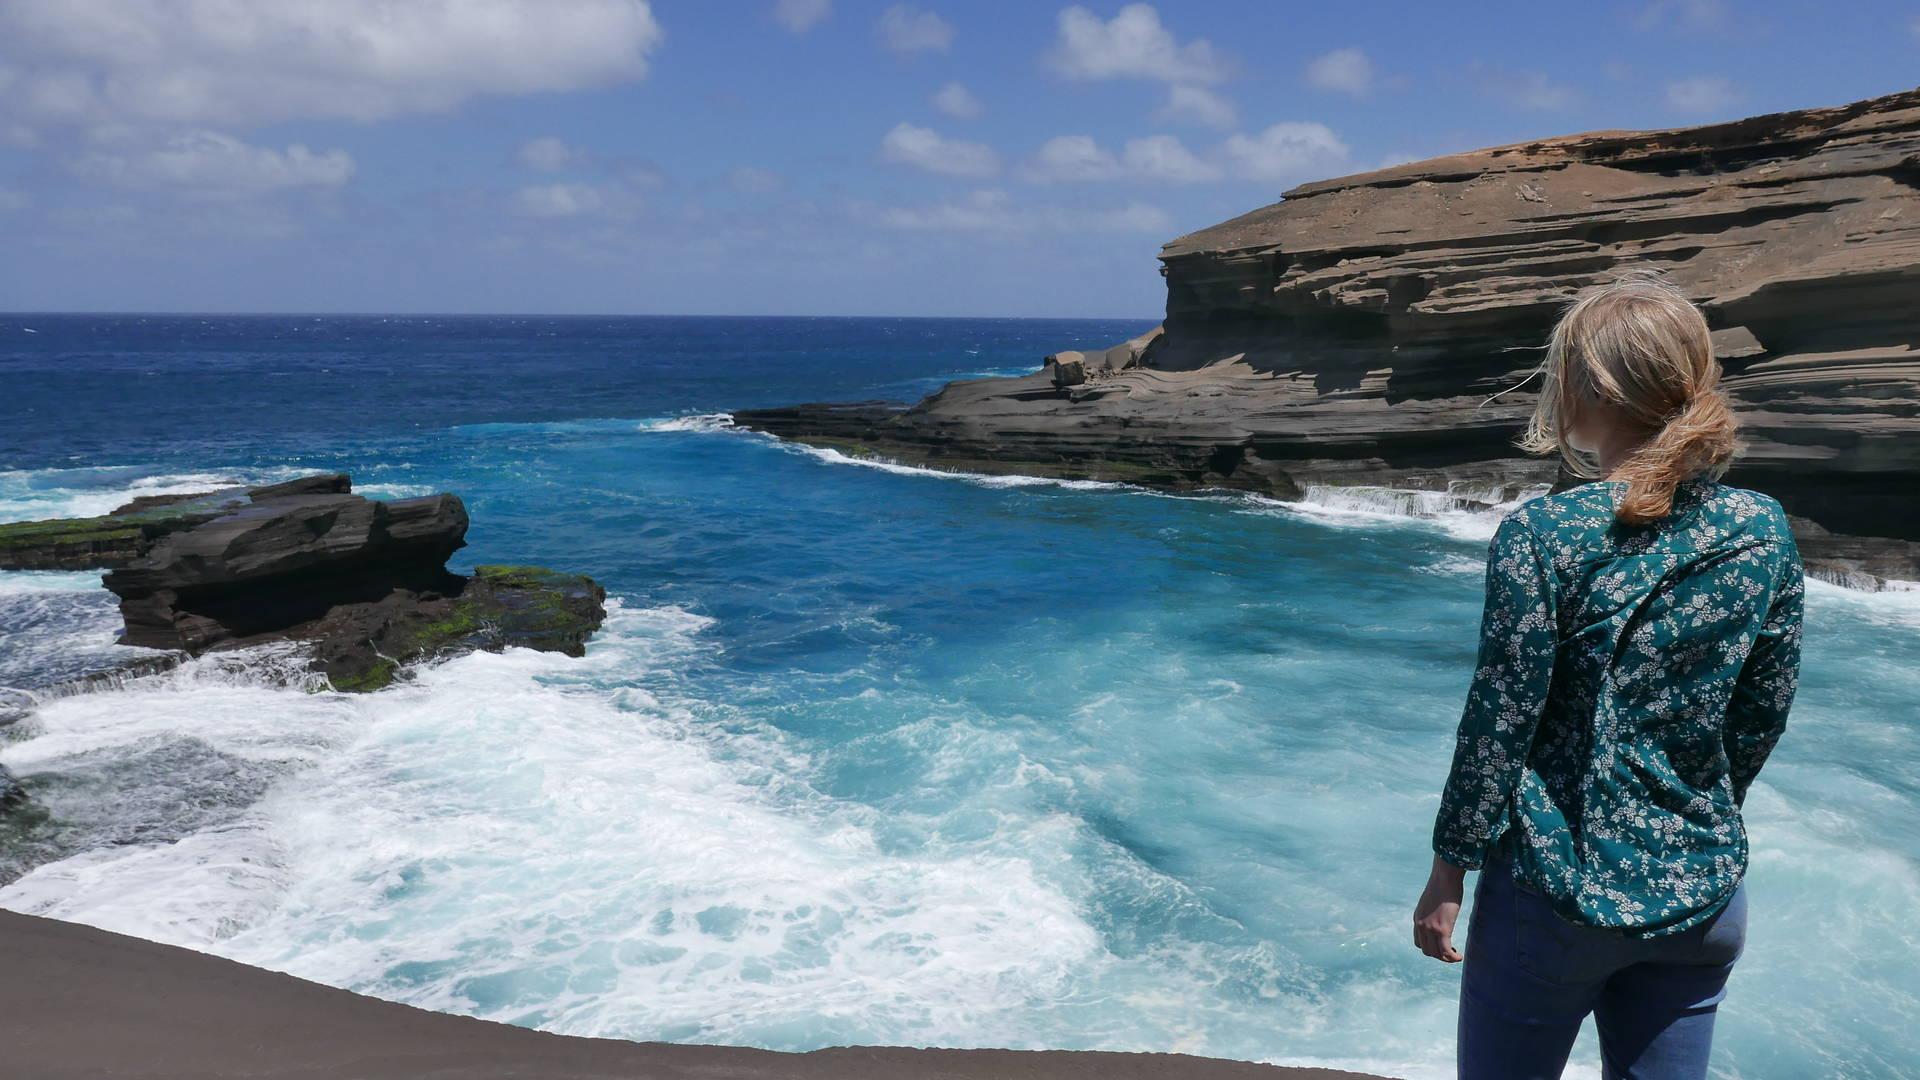 Atlantische Oceaan Kaapverdie